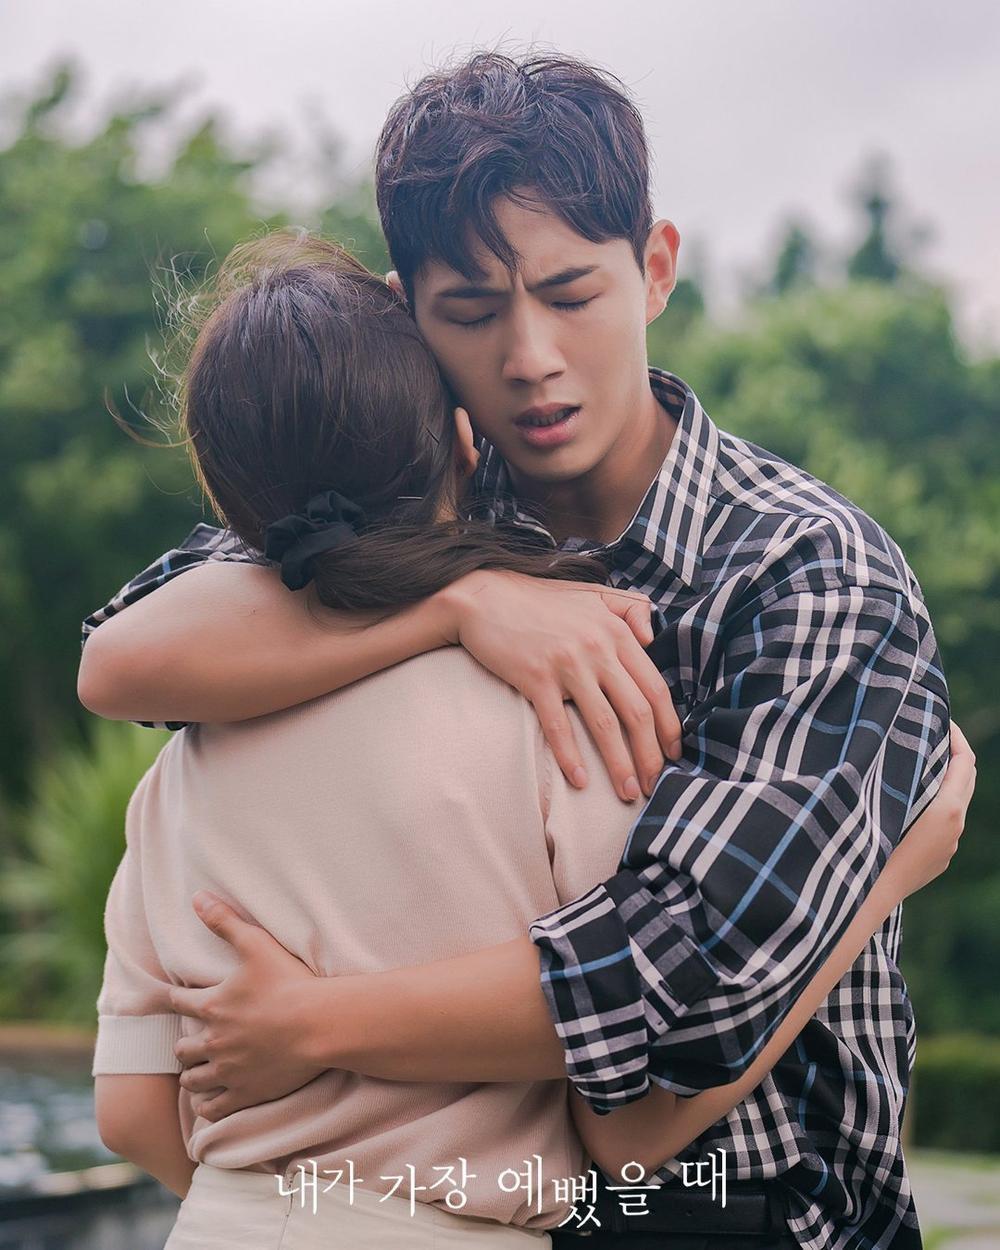 Phim của Im Soo Hyang, Ji Soo và Ha Seok Jin cùng phim của Moon Chae Won và Lee Joon Gi đều đạt rating cao nhất kể từ khi lên sóng Ảnh 2